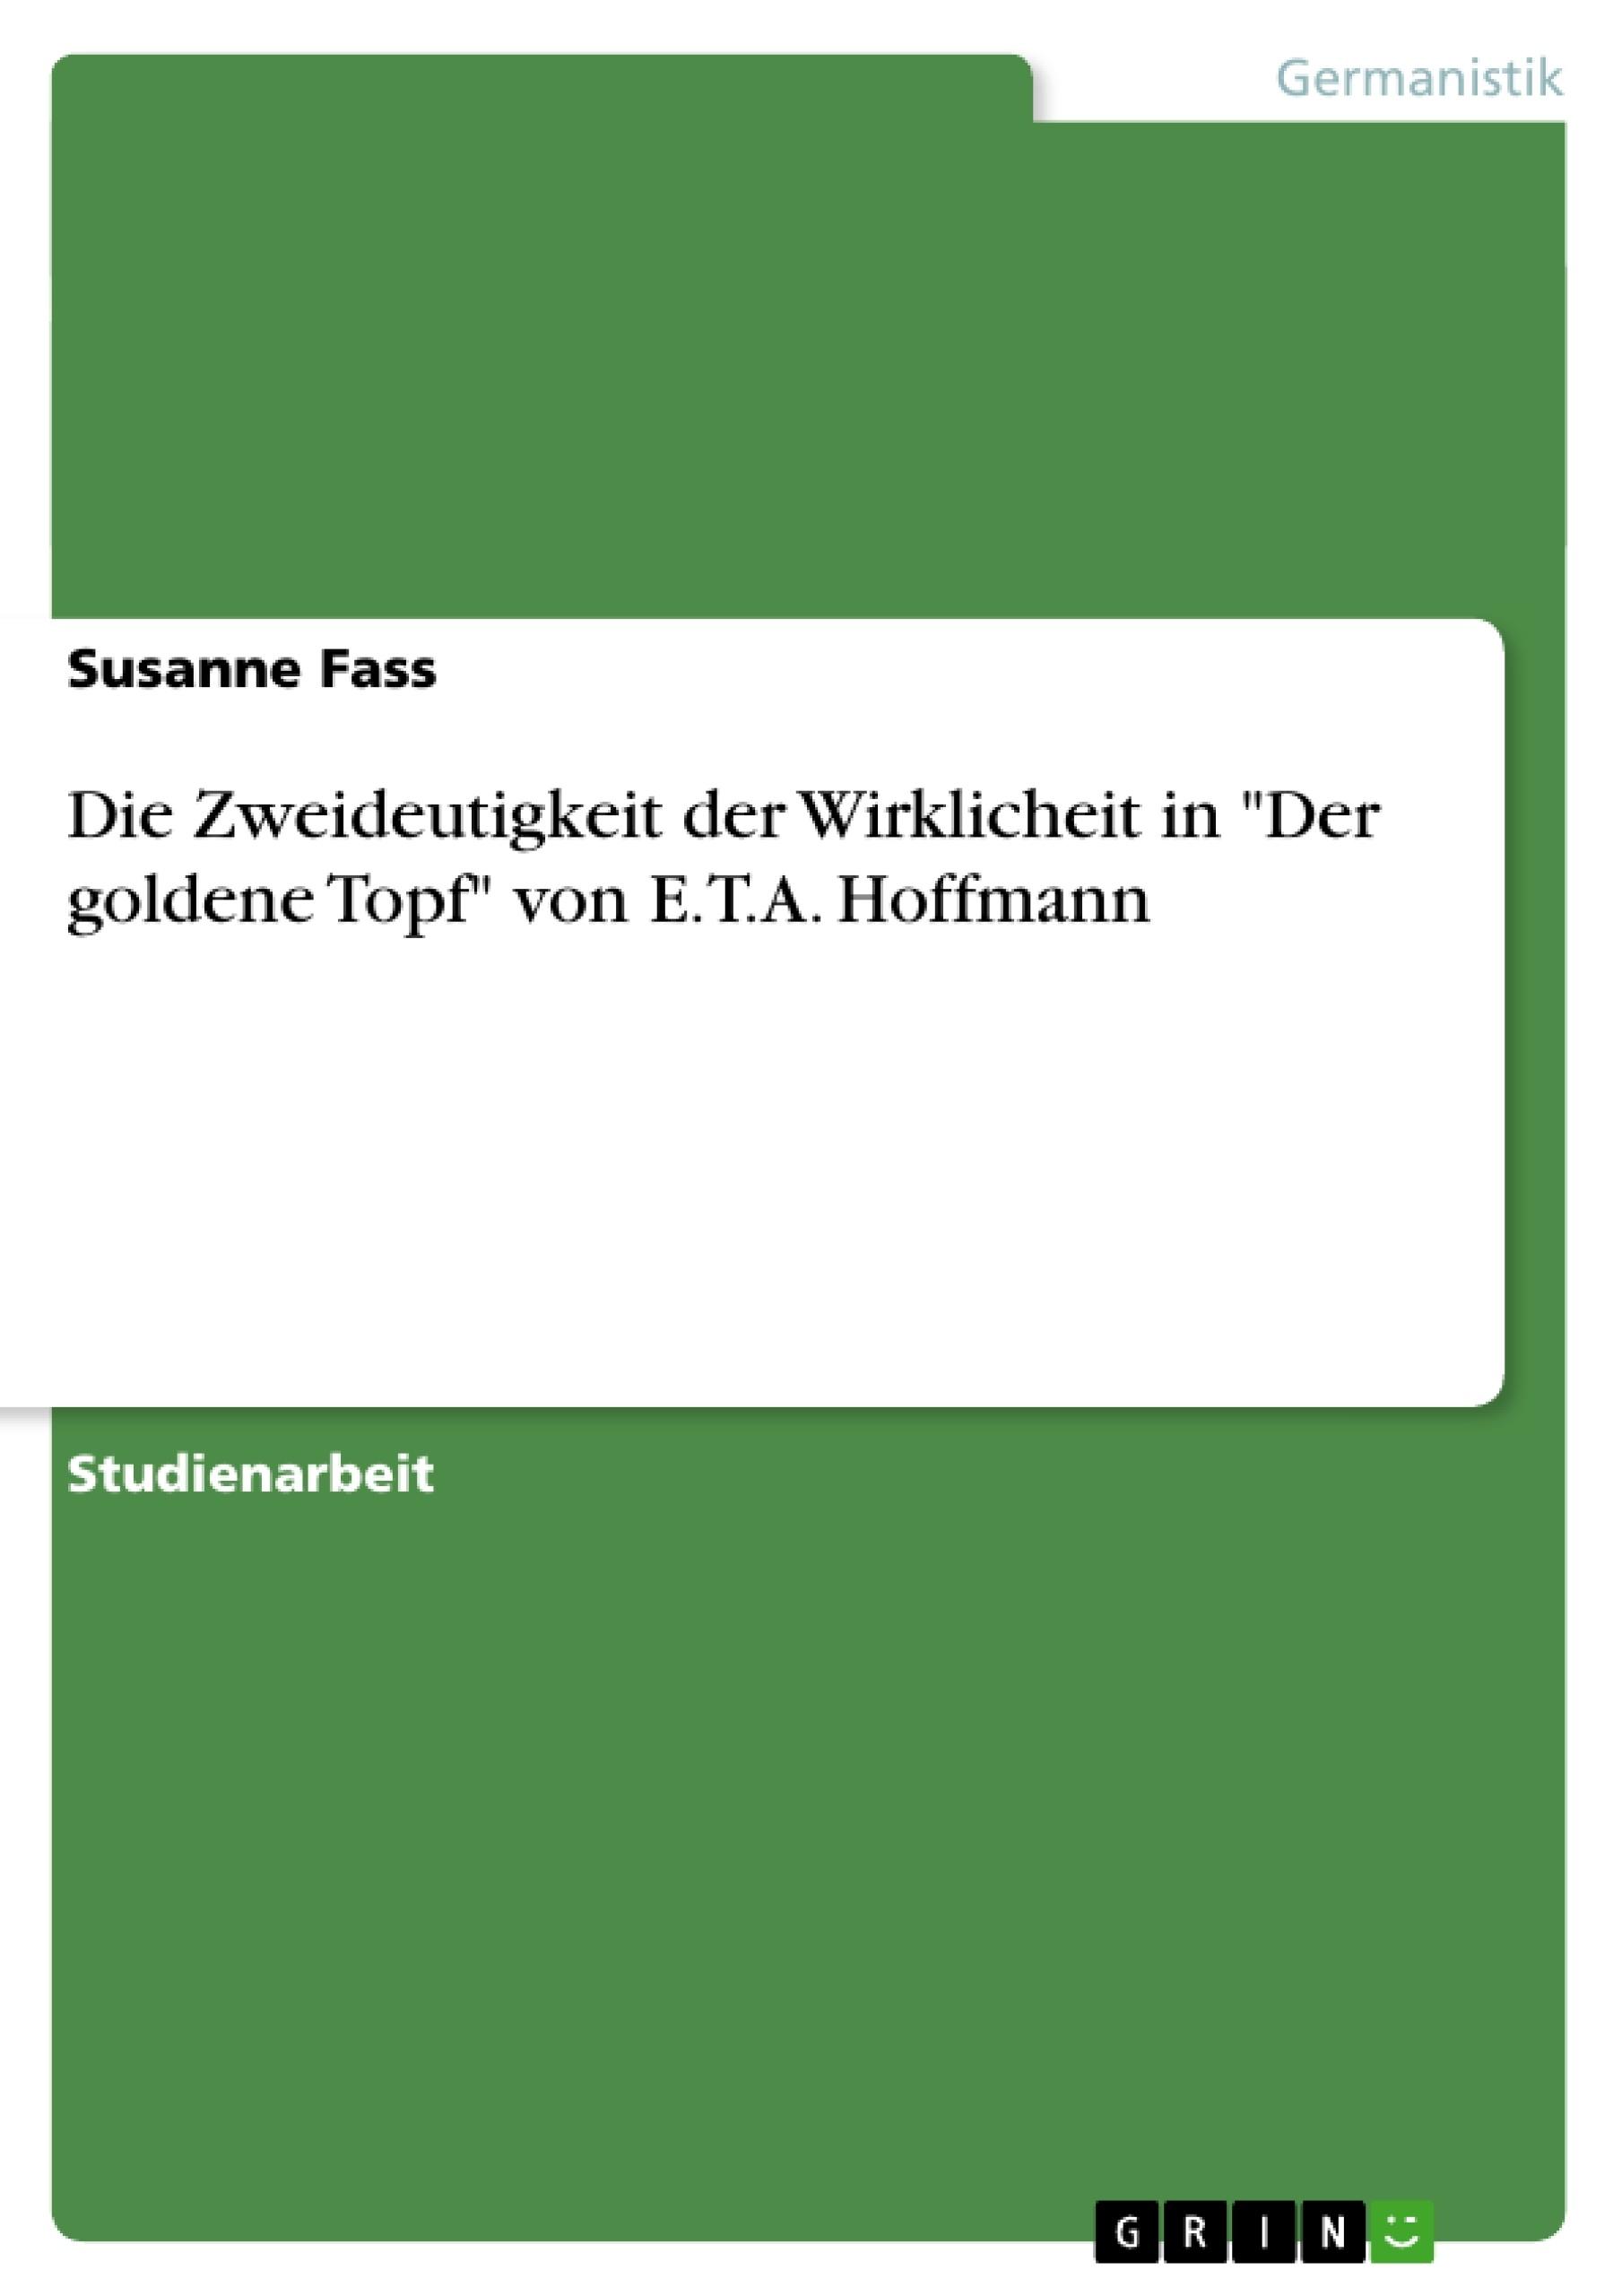 """Titel: Die Zweideutigkeit der Wirklicheit in """"Der goldene Topf"""" von E.T.A. Hoffmann"""